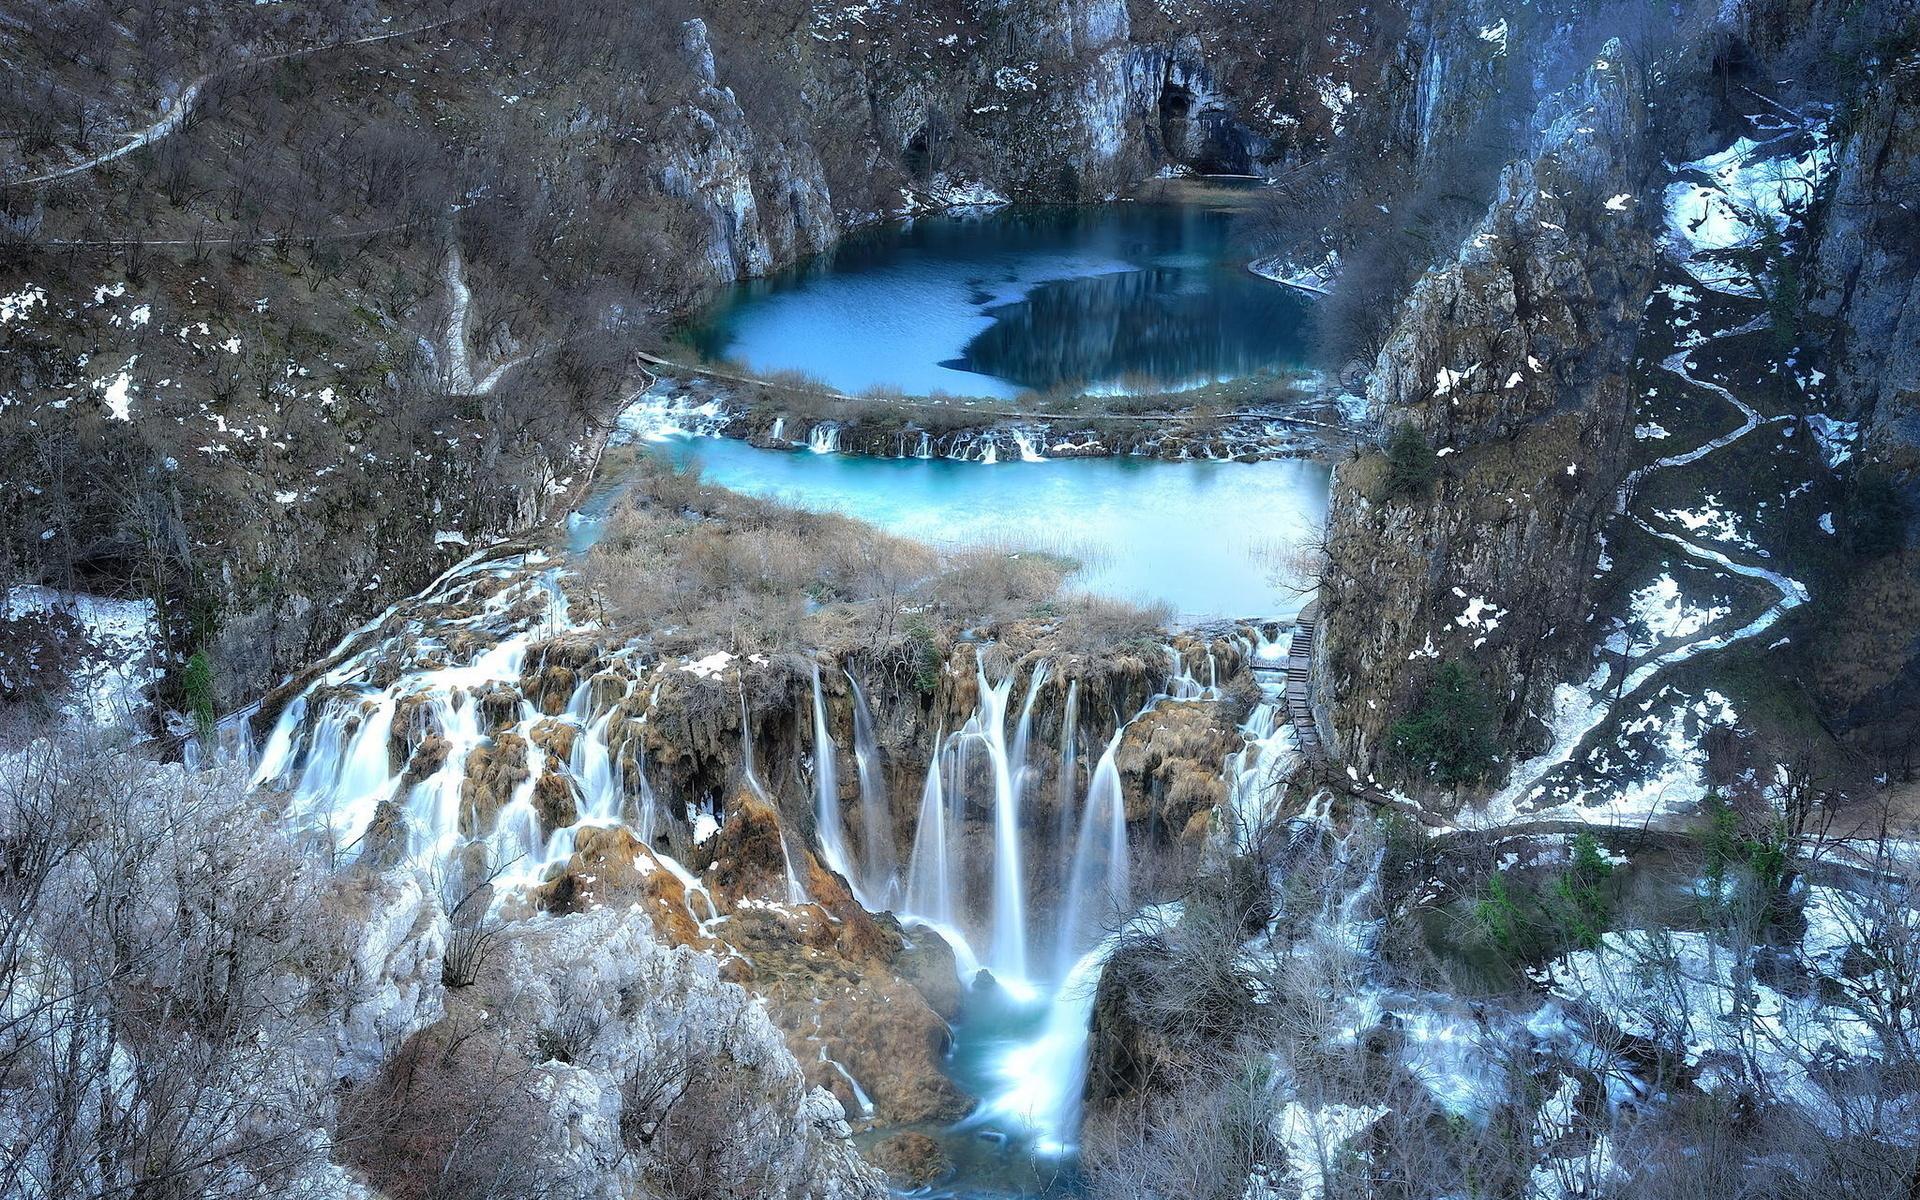 водопад чудес картинки ситуацию